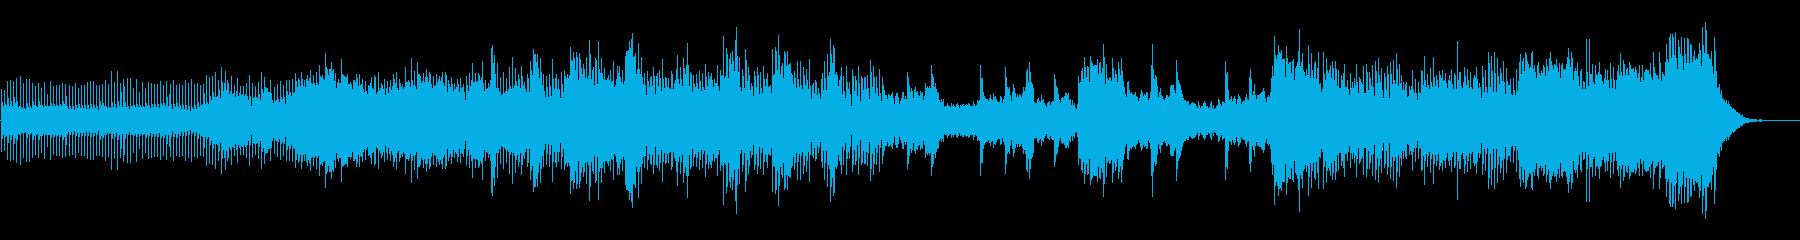 ピアノ、さまざまなシンセサイザー、...の再生済みの波形